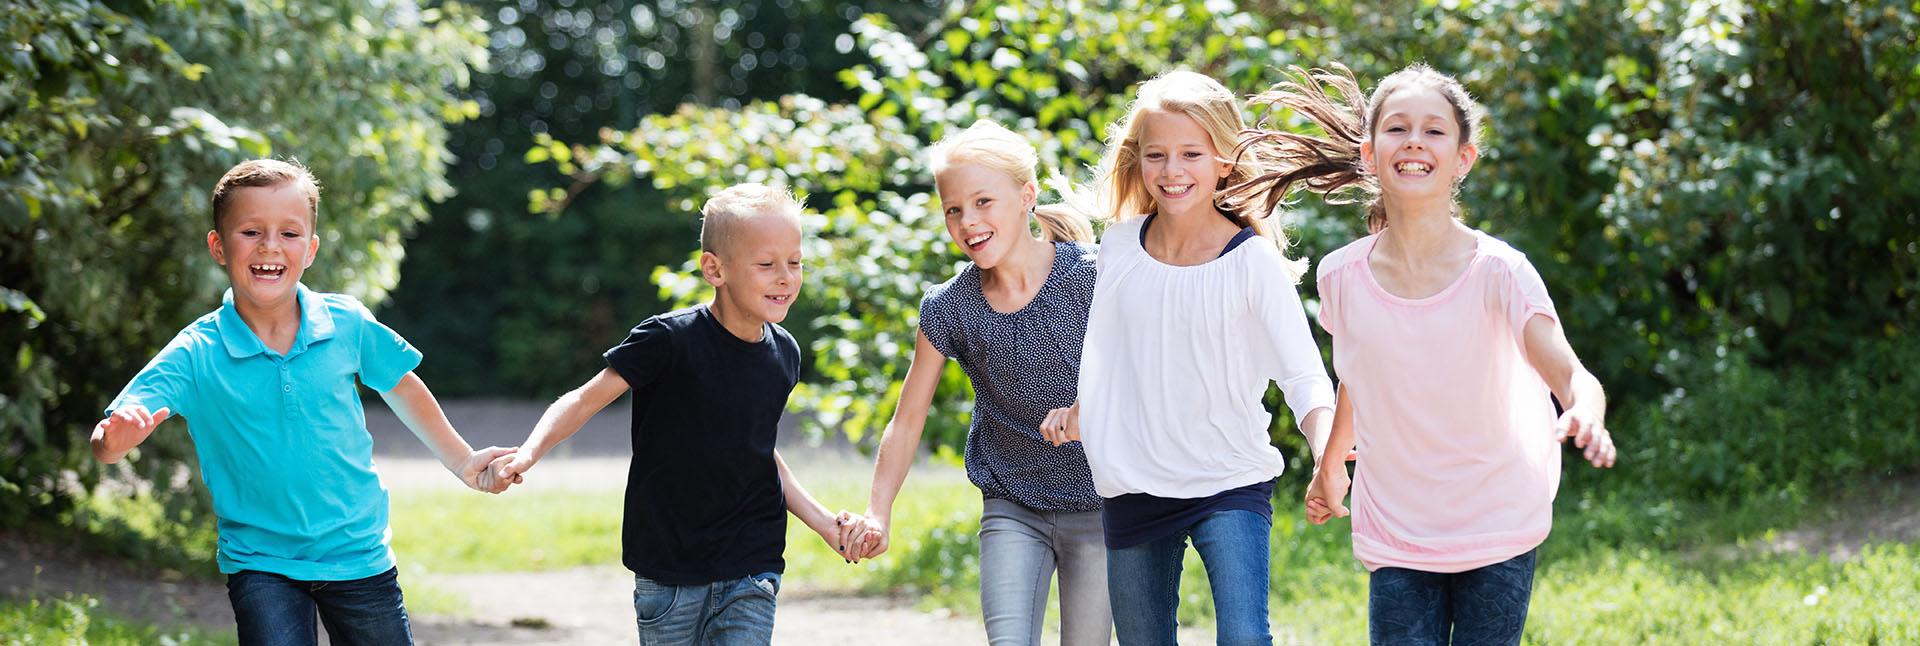 Ernährungsberatung - Ernährung für Kinder und Jugendliche